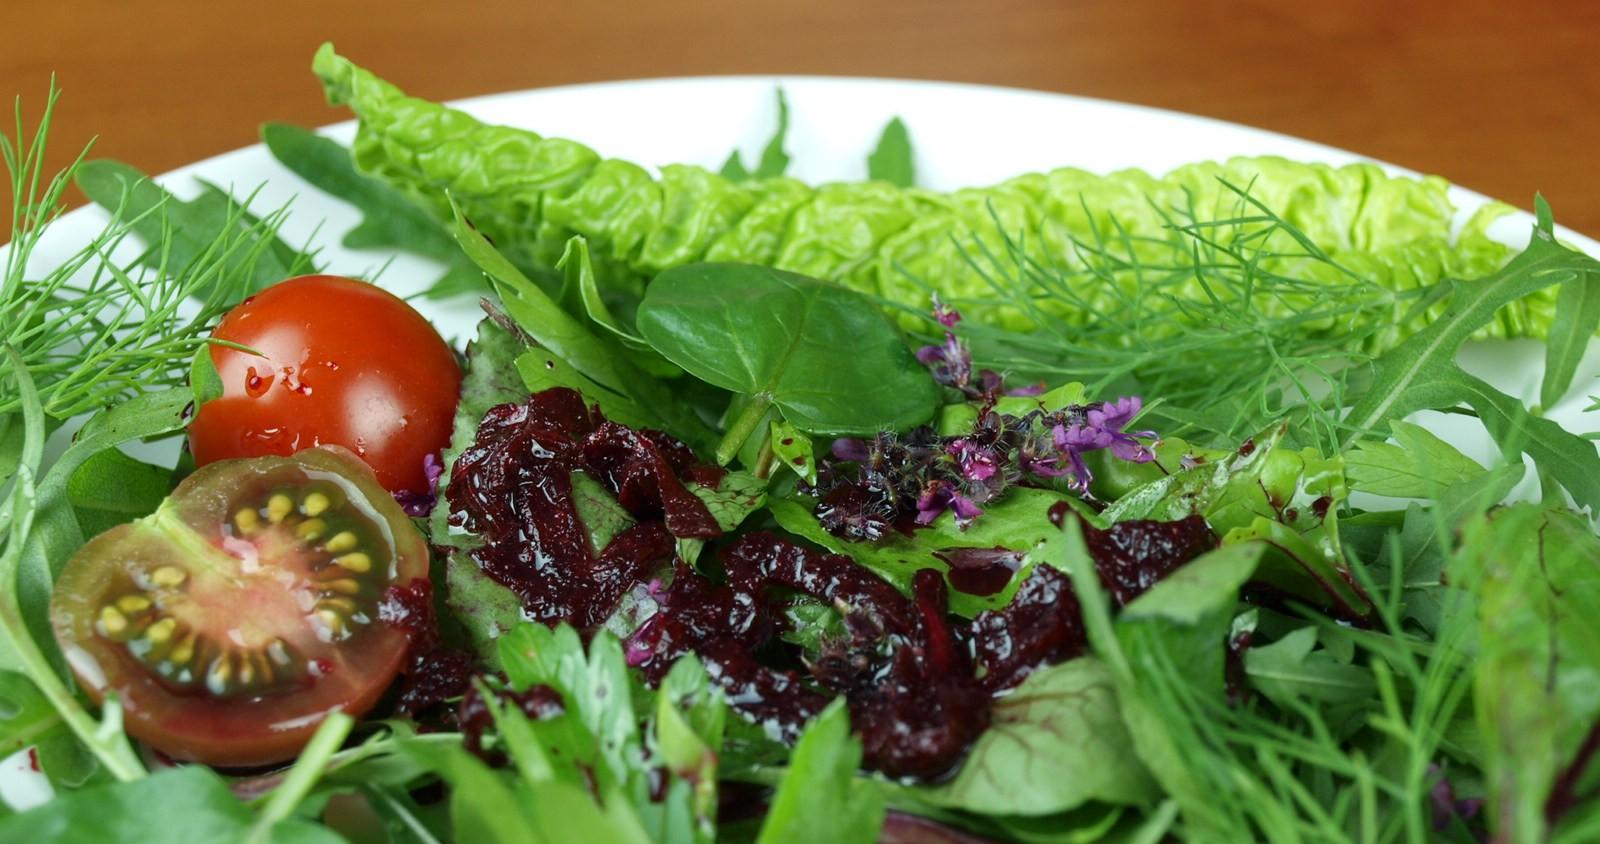 Querbeetsalat